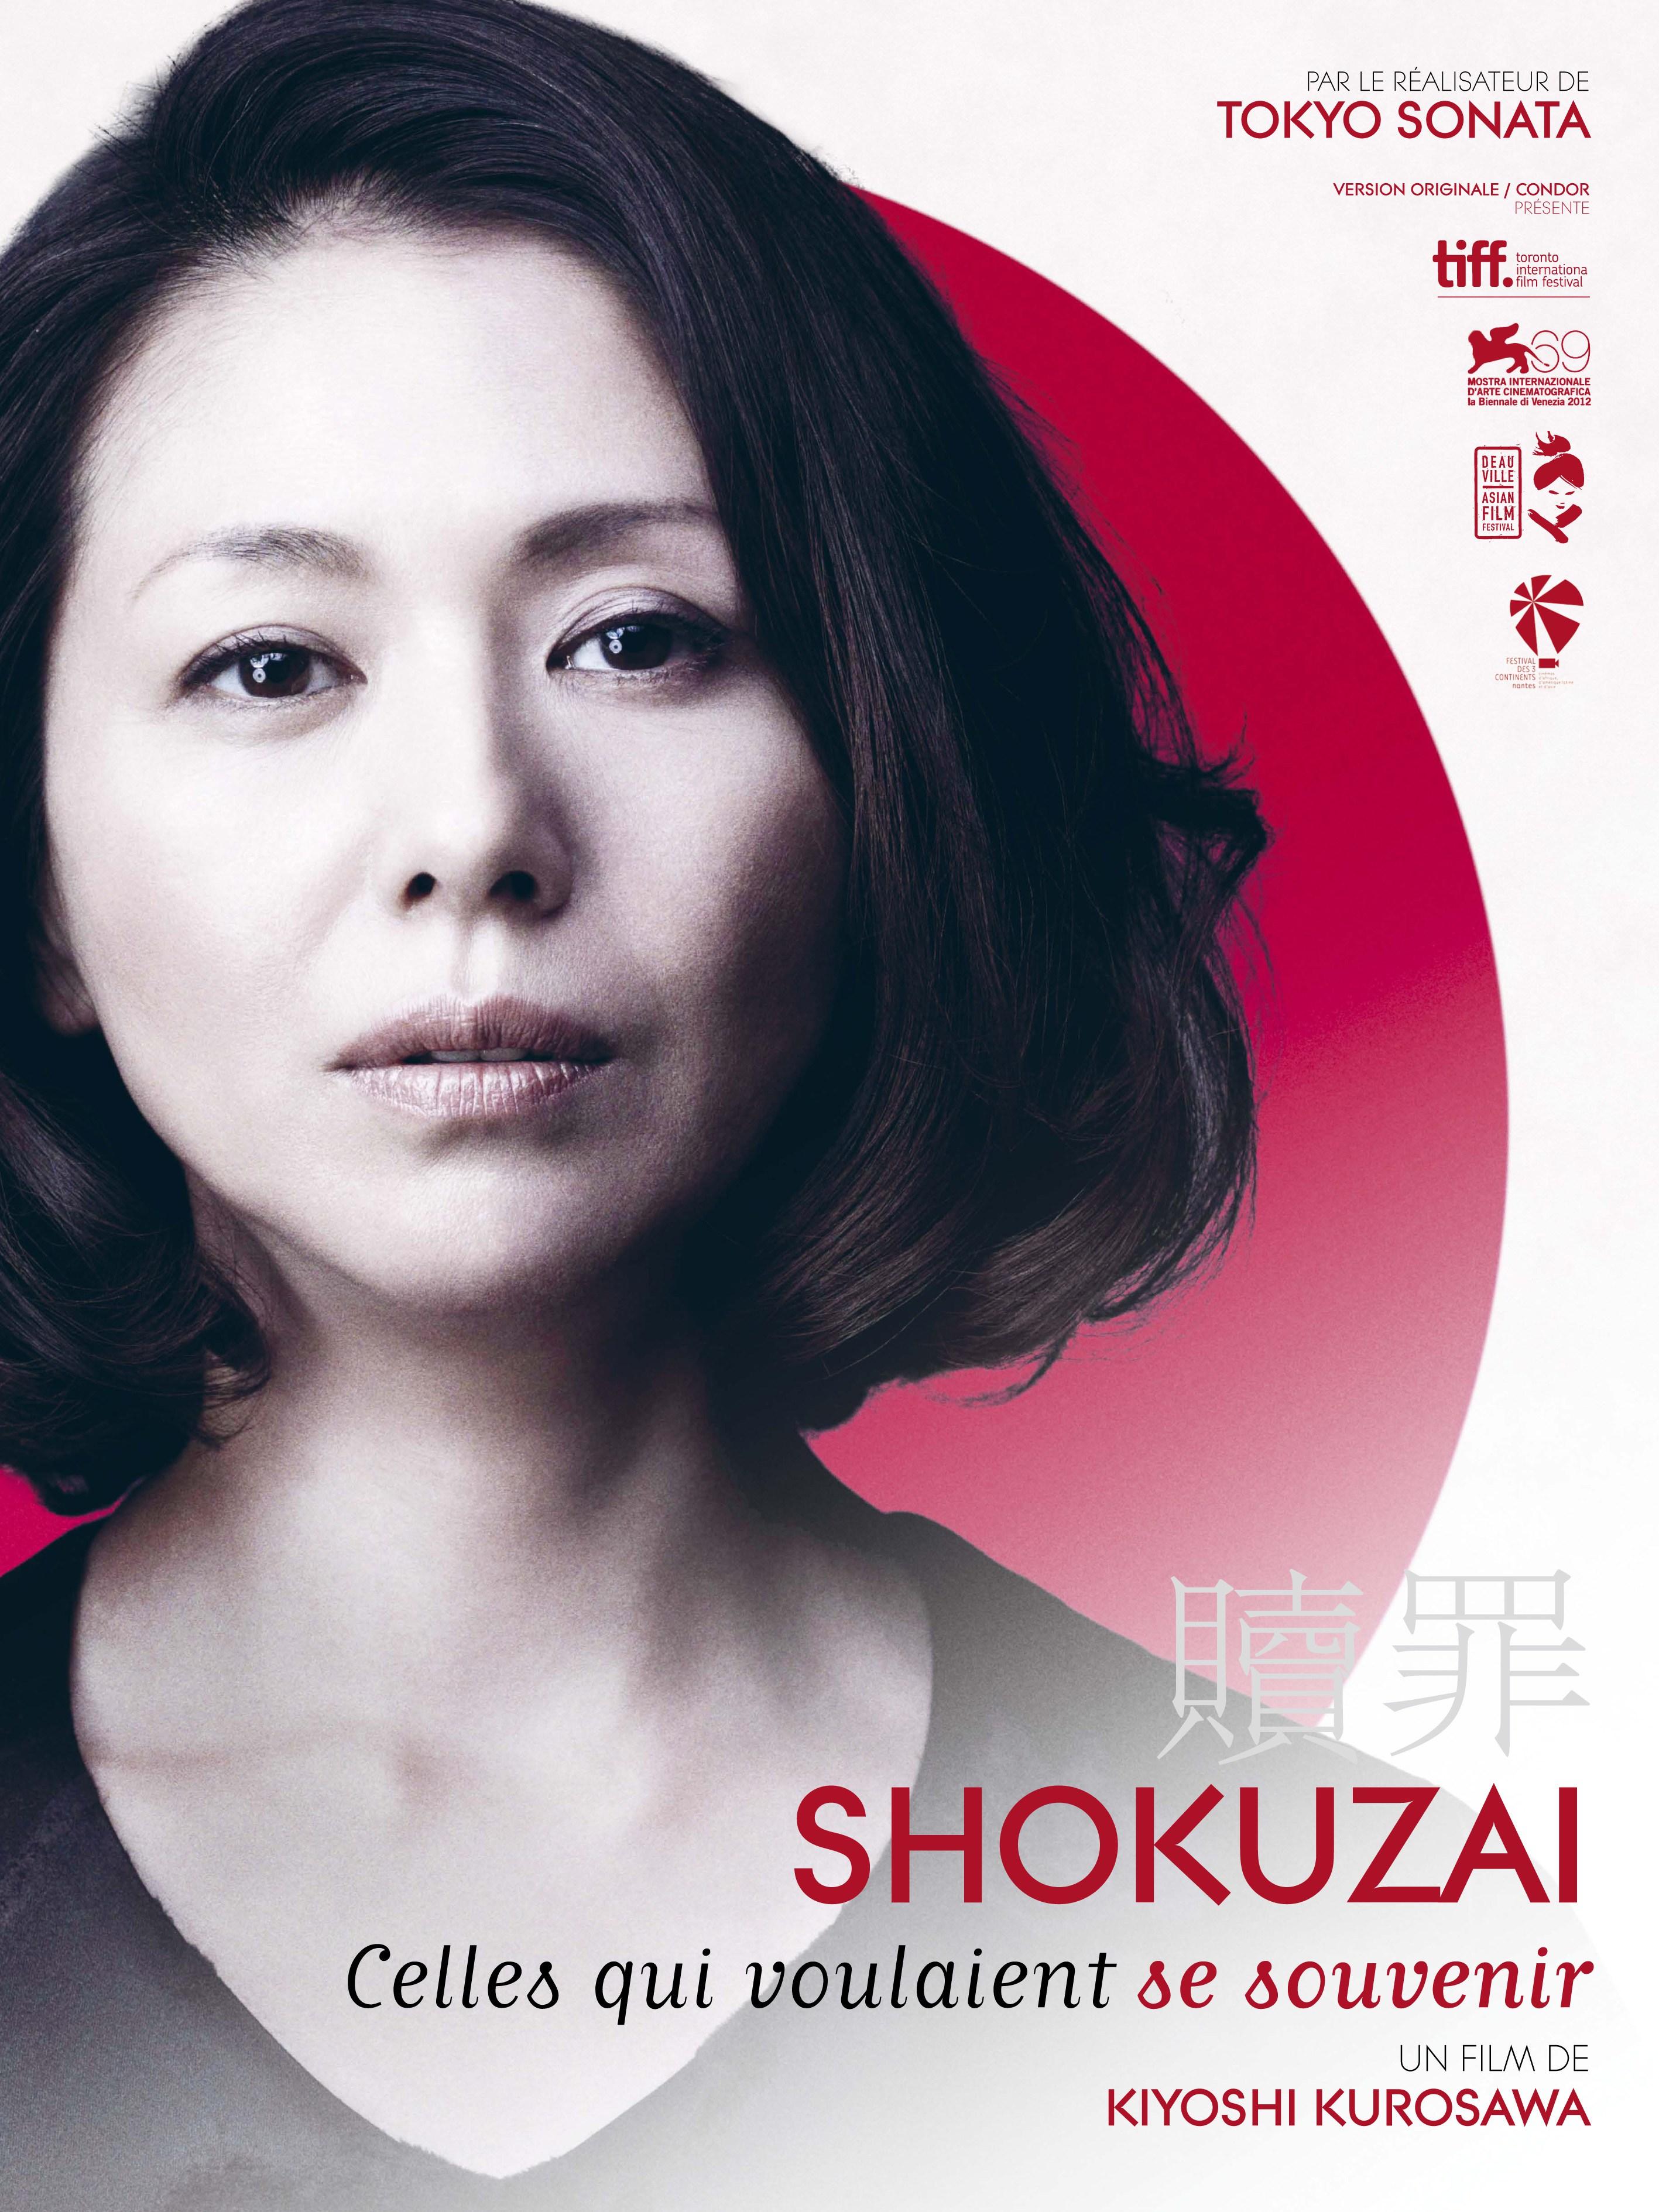 [critique] Shokuzai